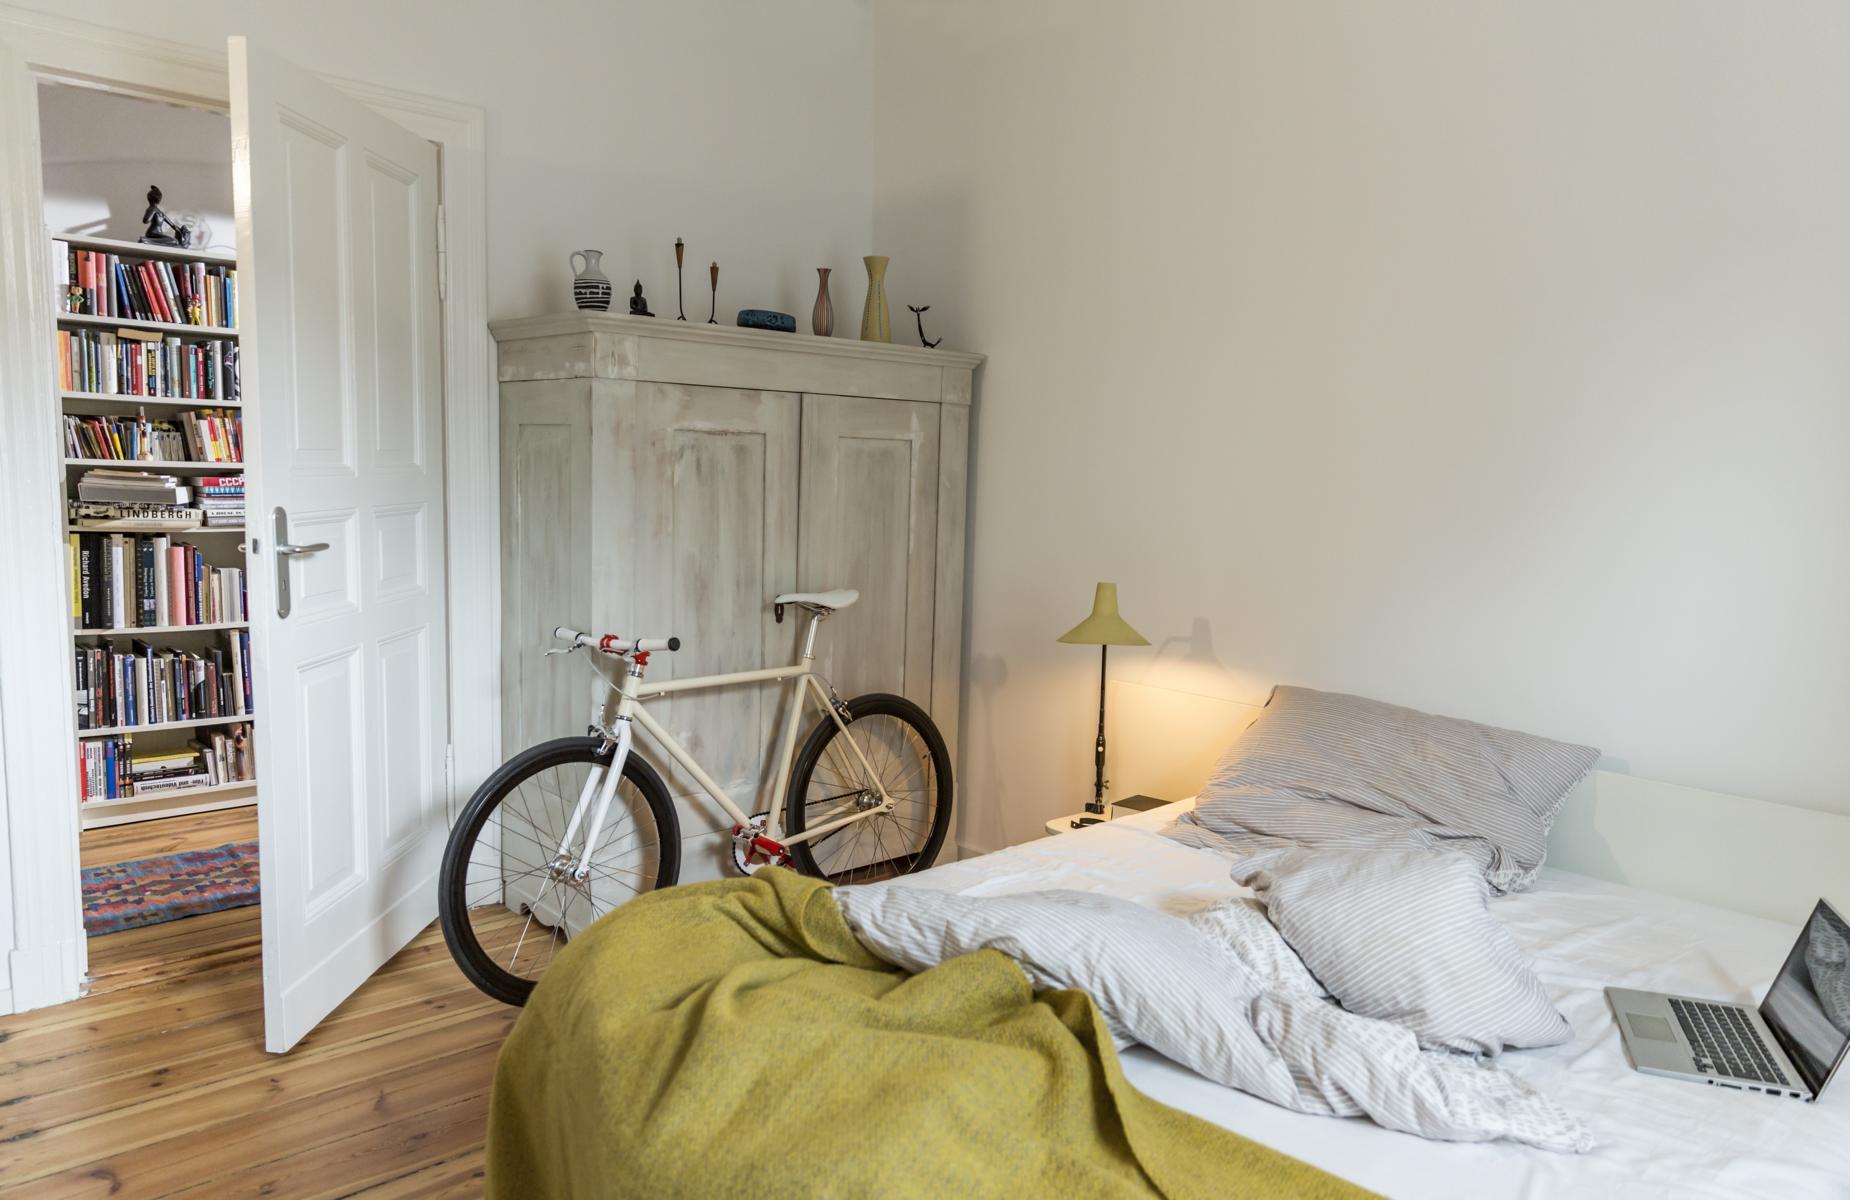 Schlafzimmer.